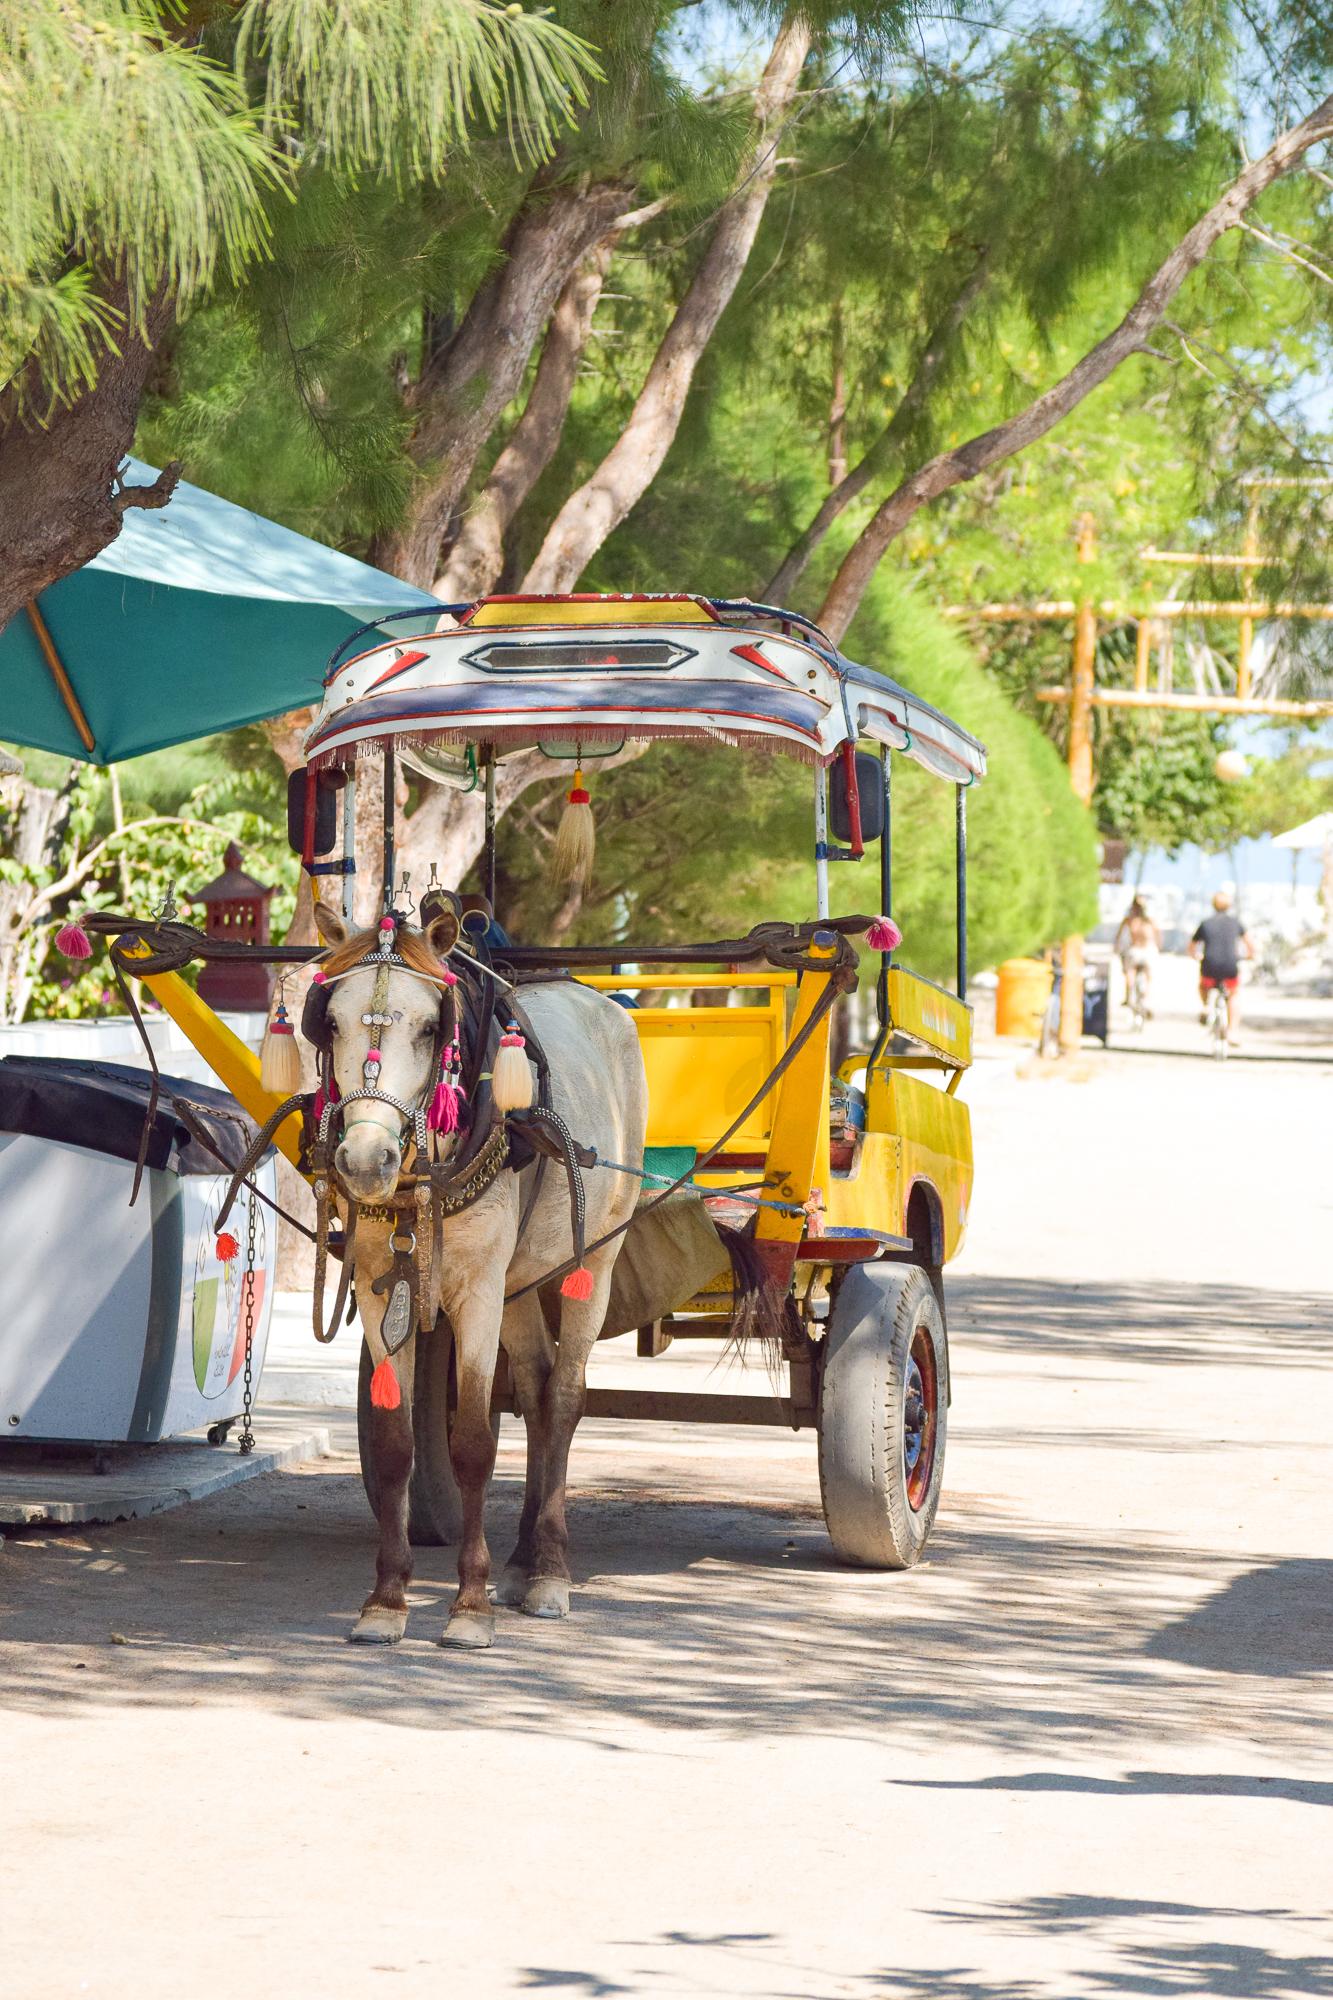 häst och vagn står stilla vid vägen.